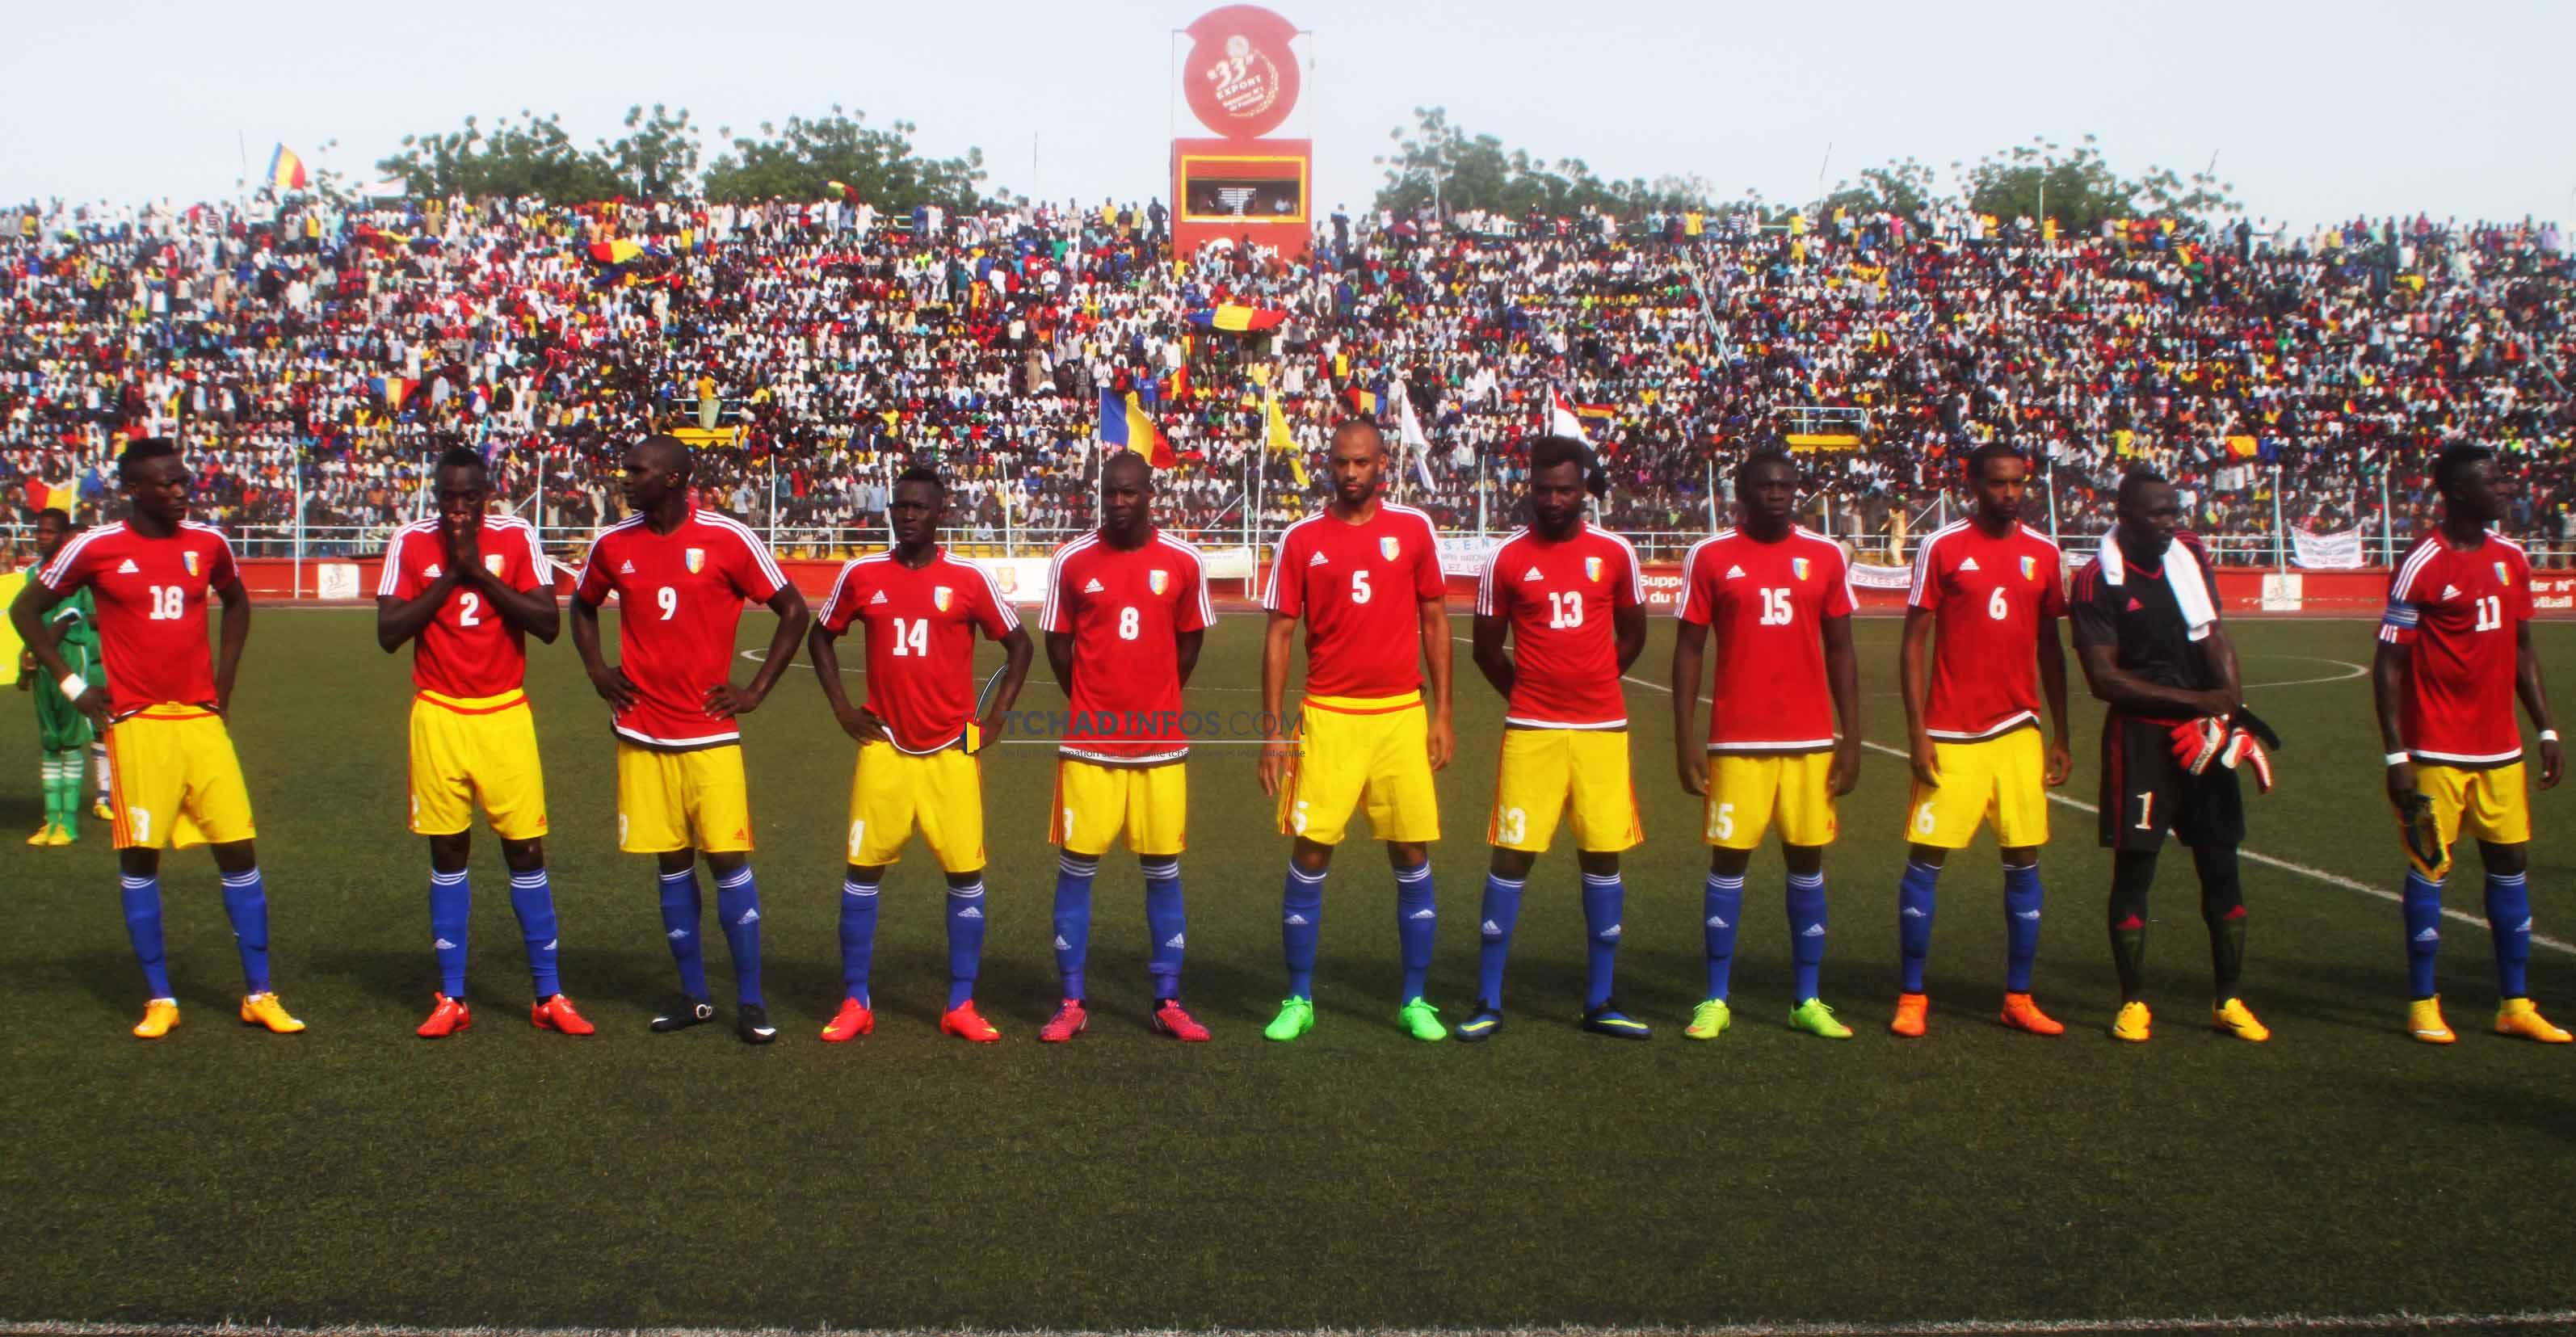 Eliminatoire de la CAN 2022: Les Sao jouent cet après midi à Conakry en Guinée